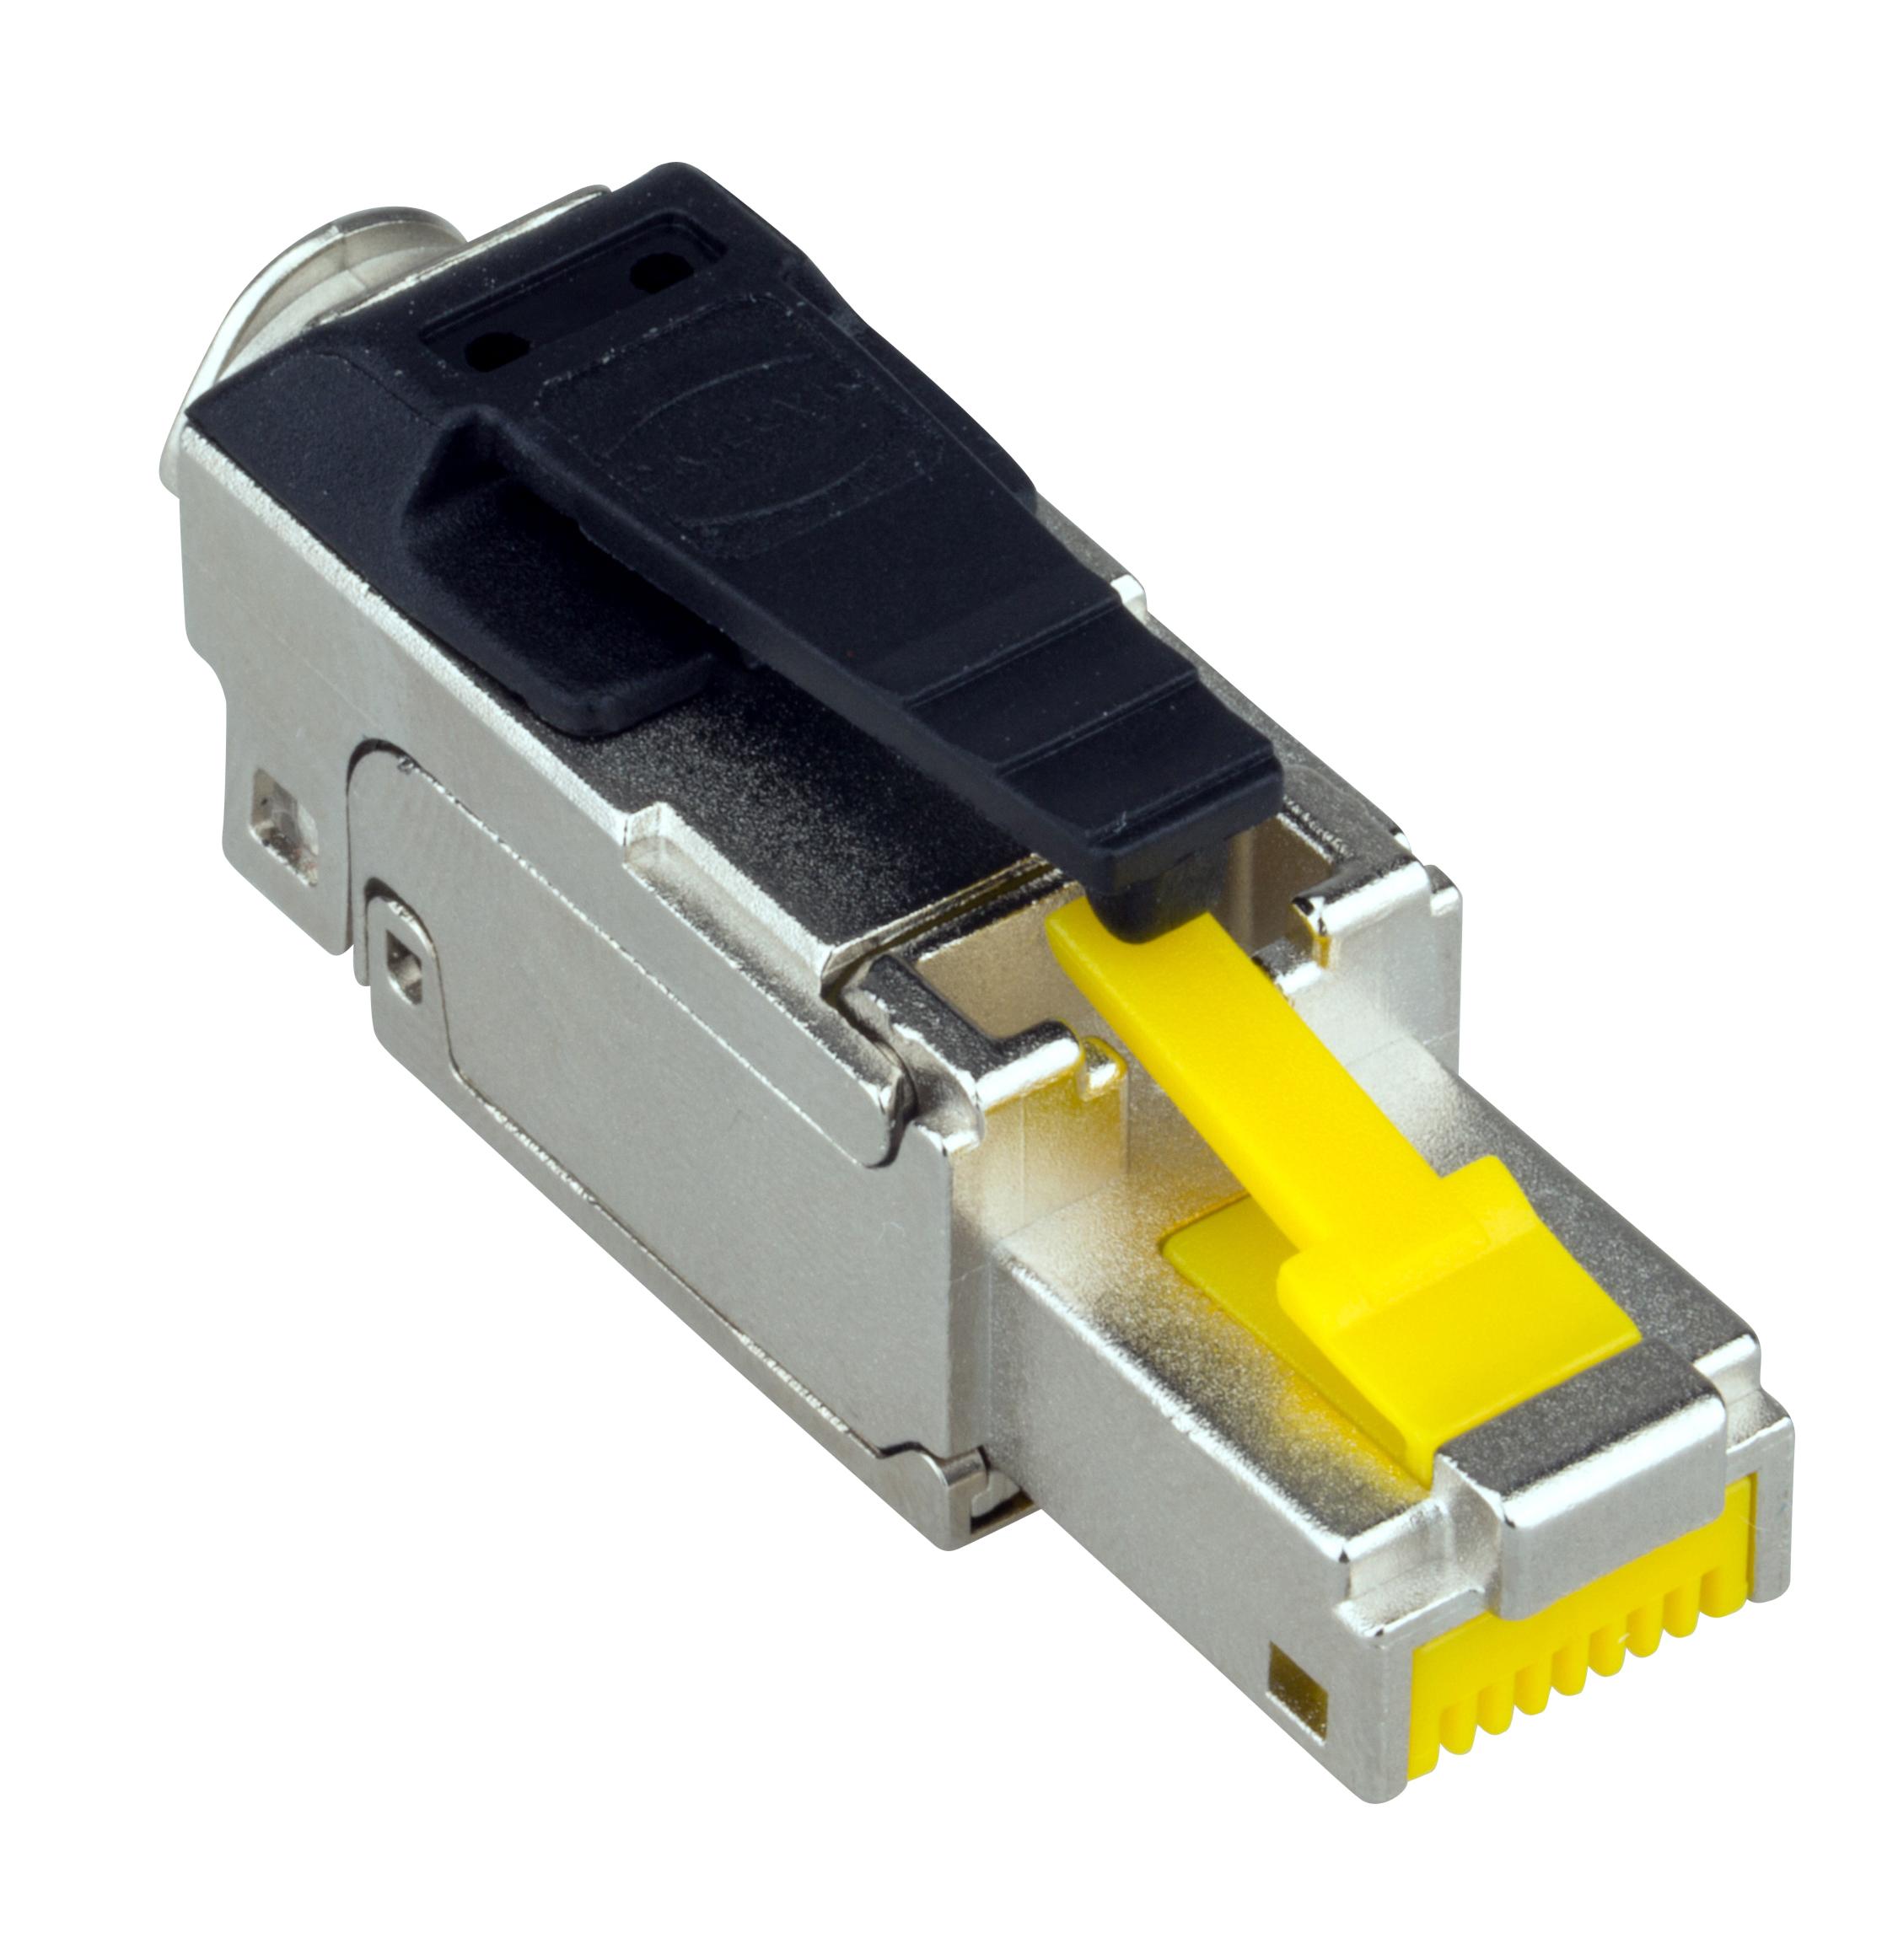 1 Stk QUICK CONNECT LINE Stecker RJ45 geschirmt Cat.6a, PoE+ HSLSR6SI3V